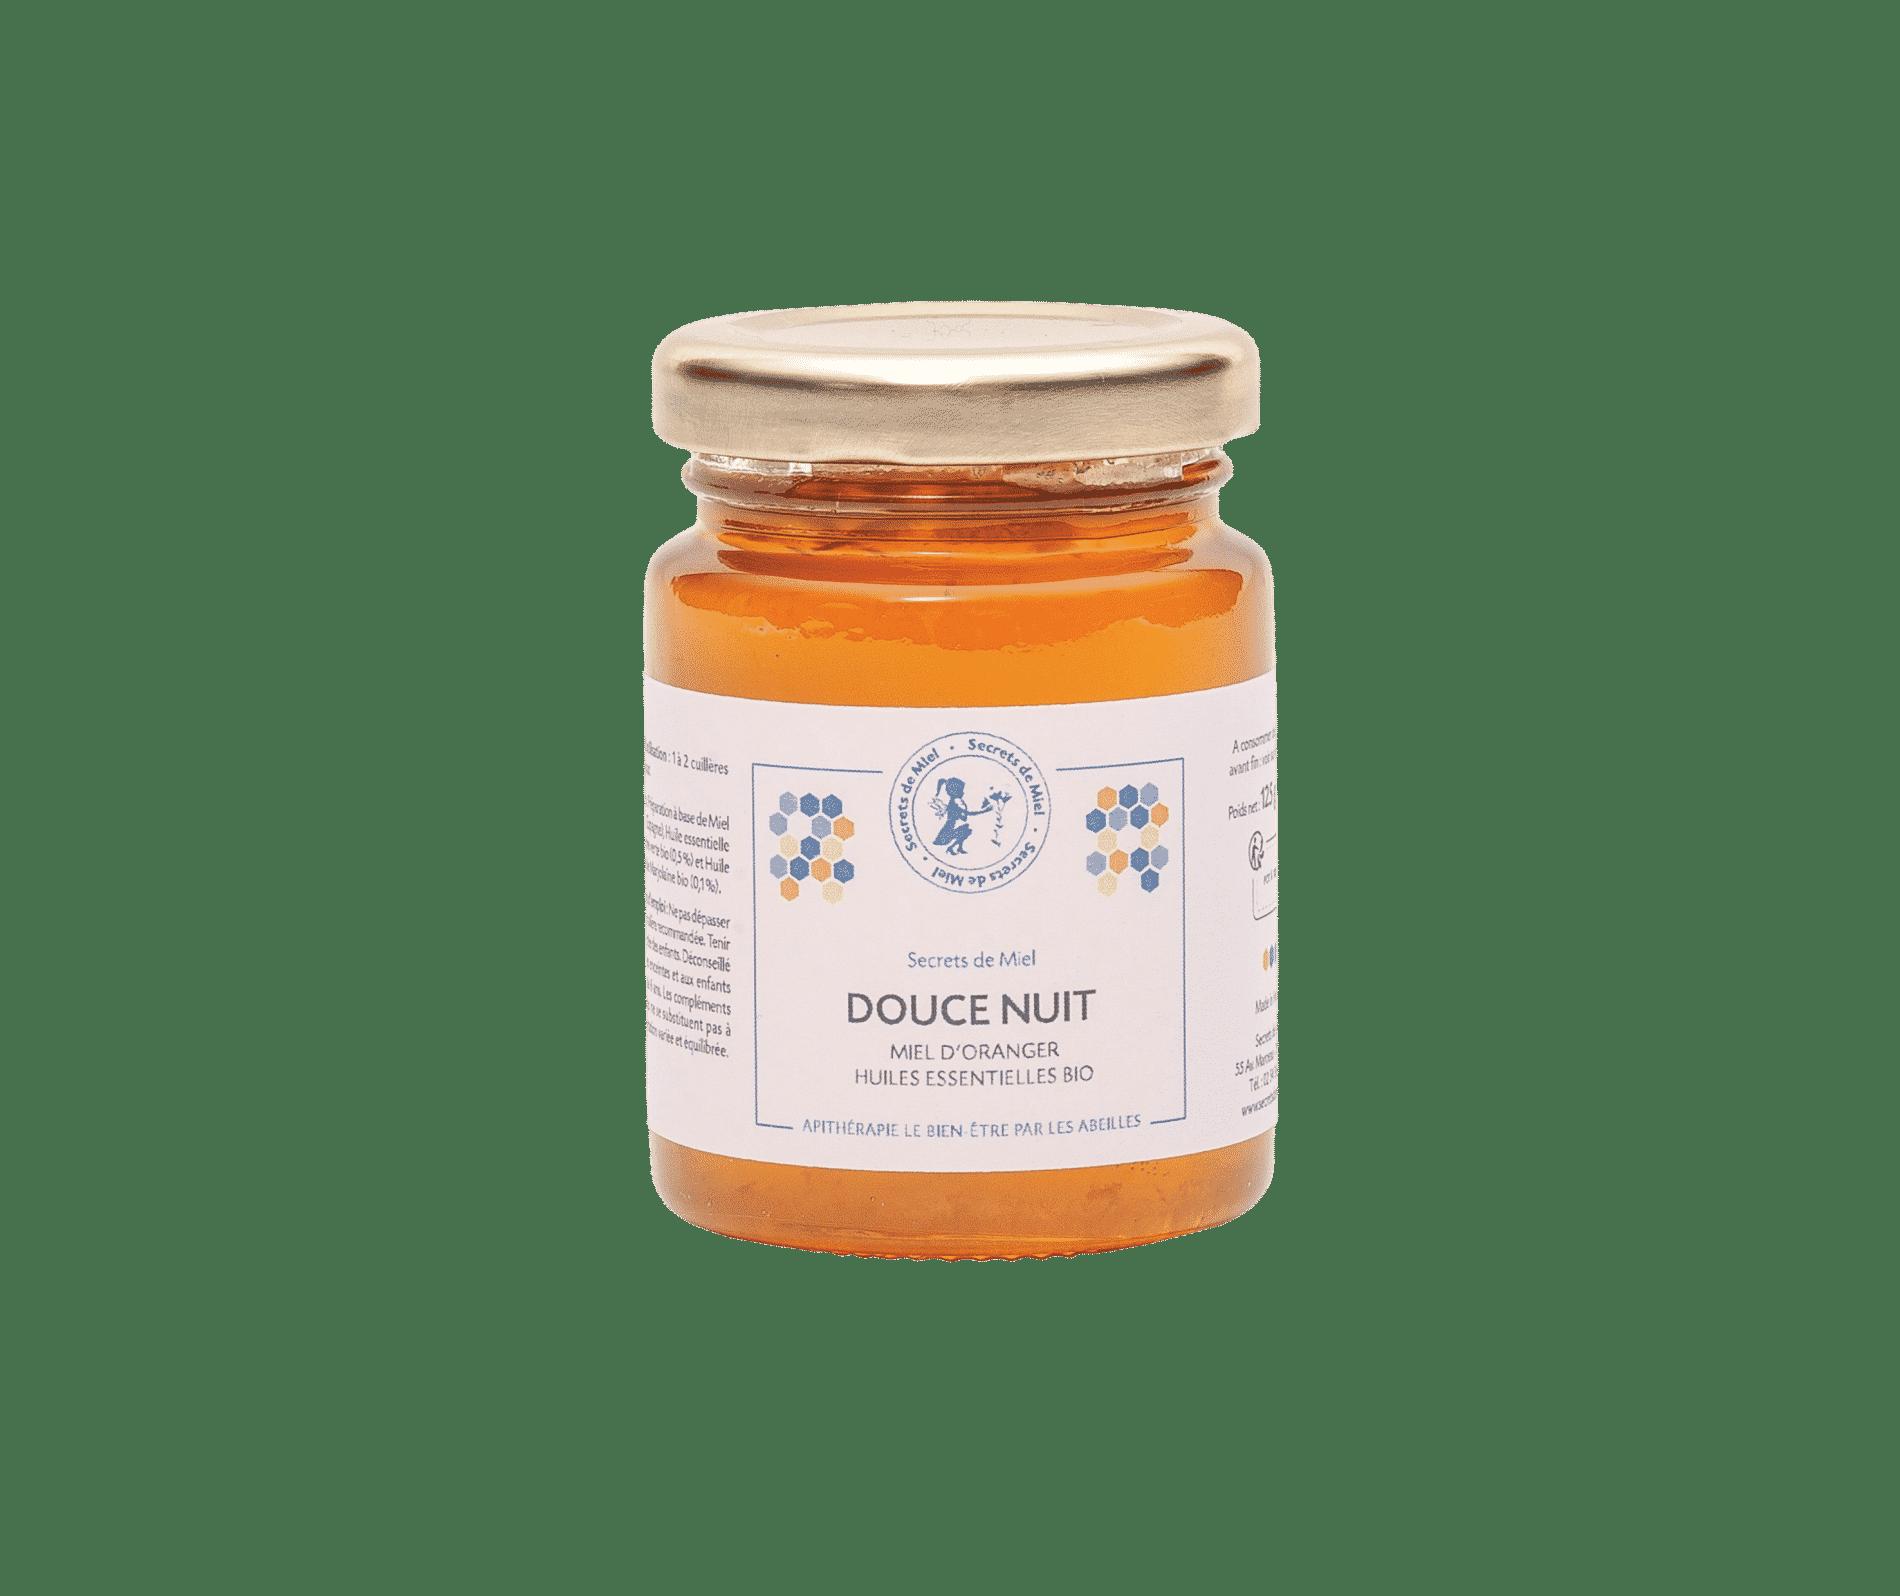 Douce Nuit - Sommeil profond - Oranger - huiles essentielles - Calme - Produit naturel - Secrets de Miel